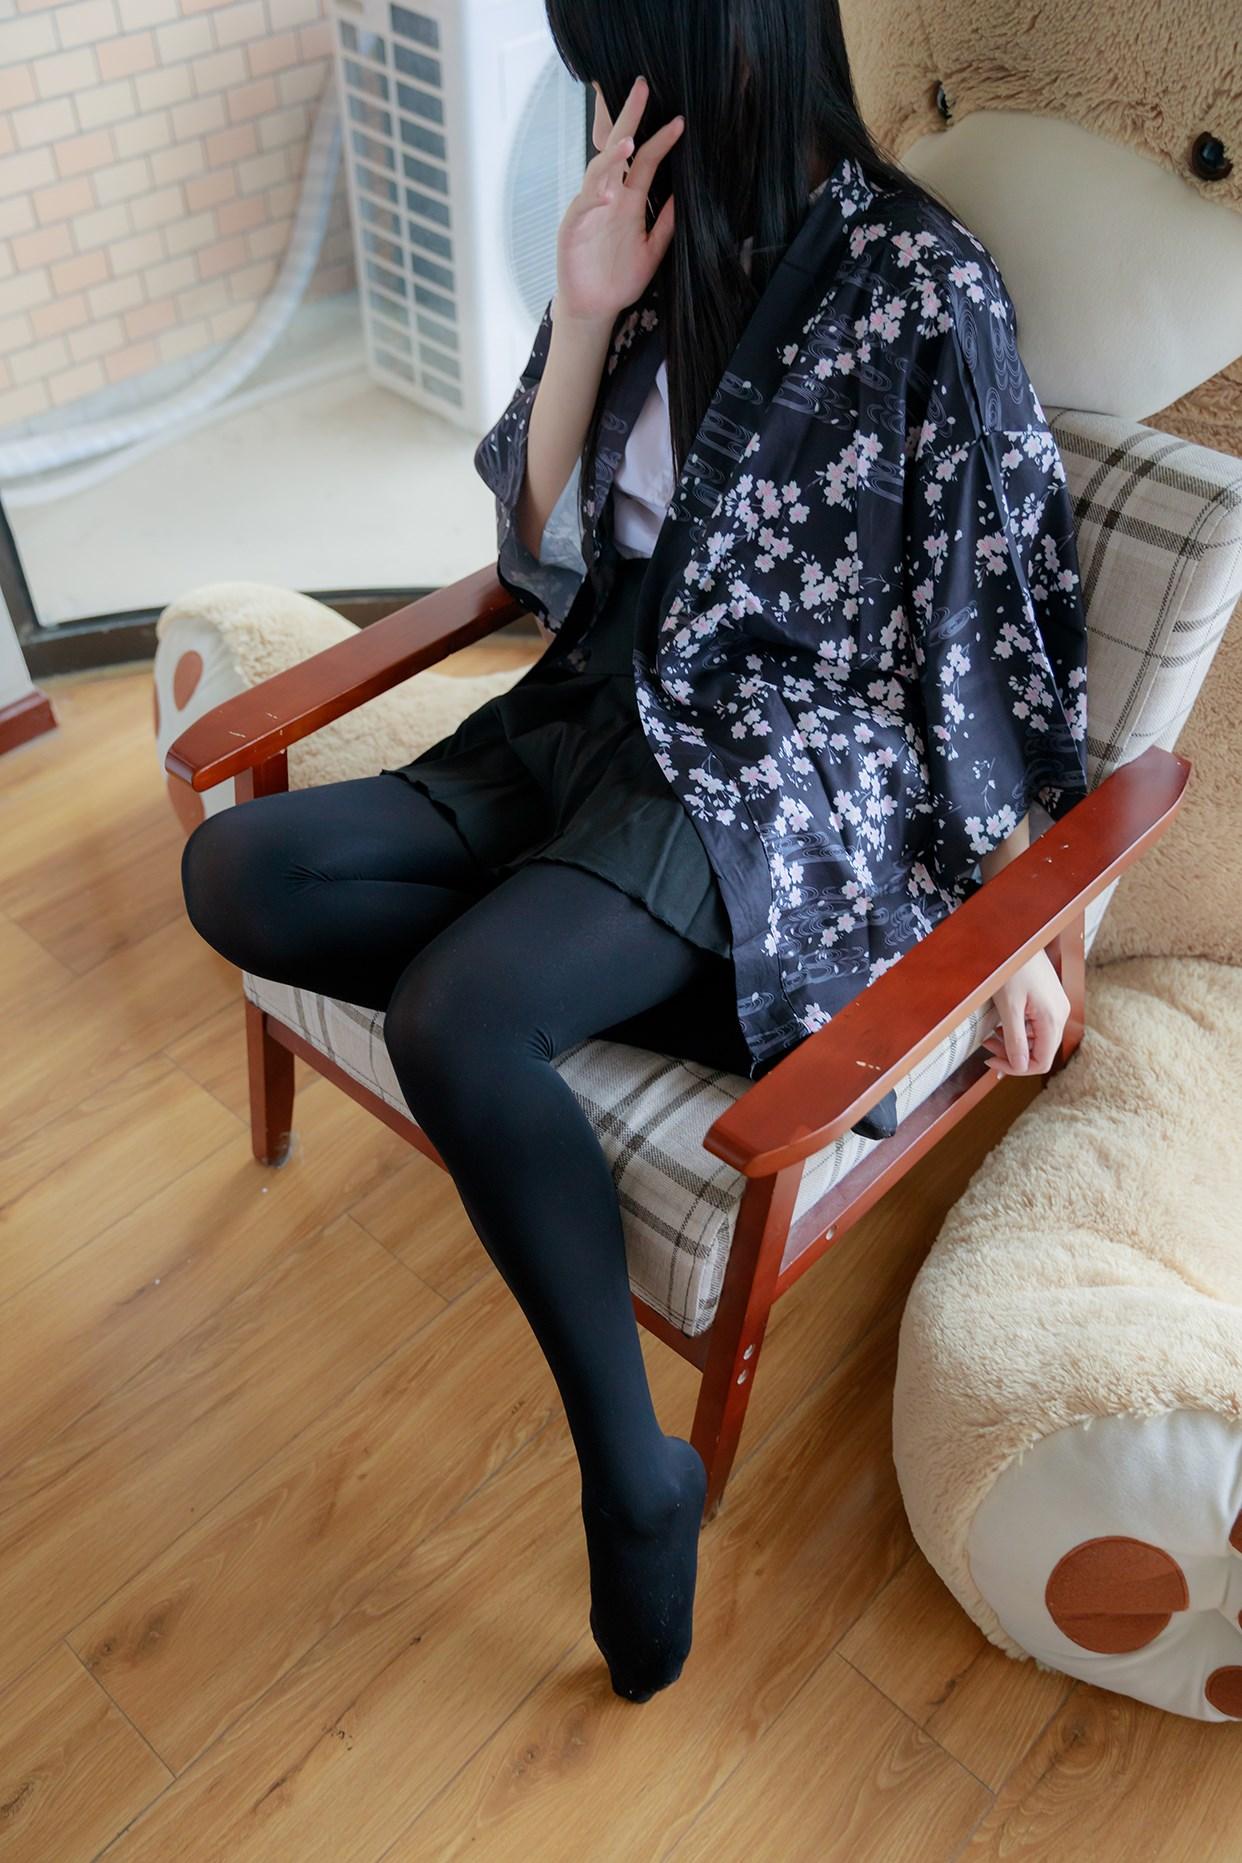 【兔玩映画】椅上的黑丝少女 兔玩映画 第19张